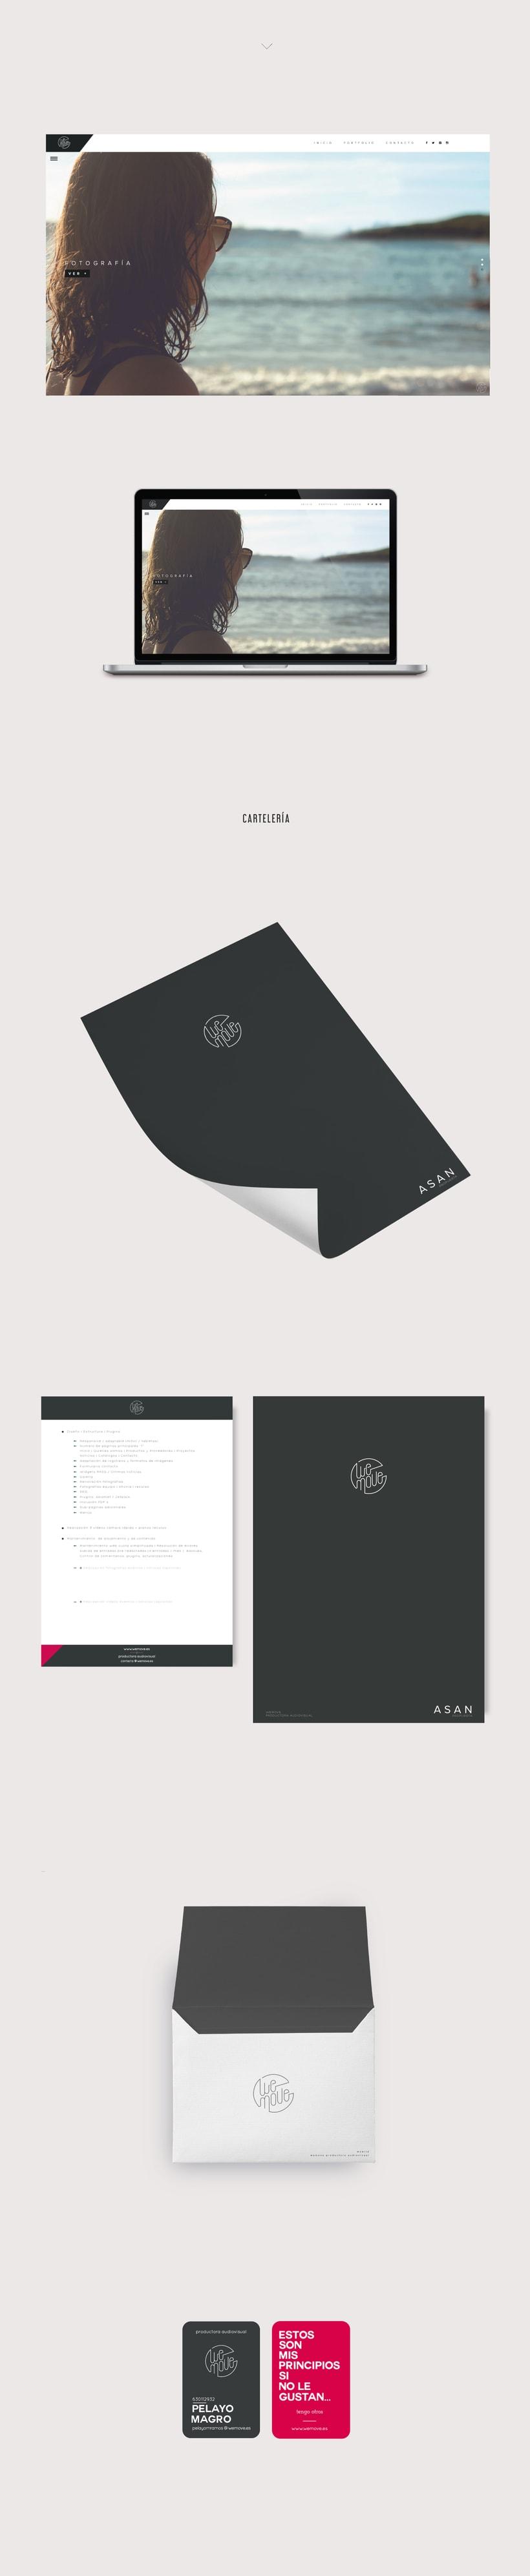 WEMOVE / BRAND DESIGN 0